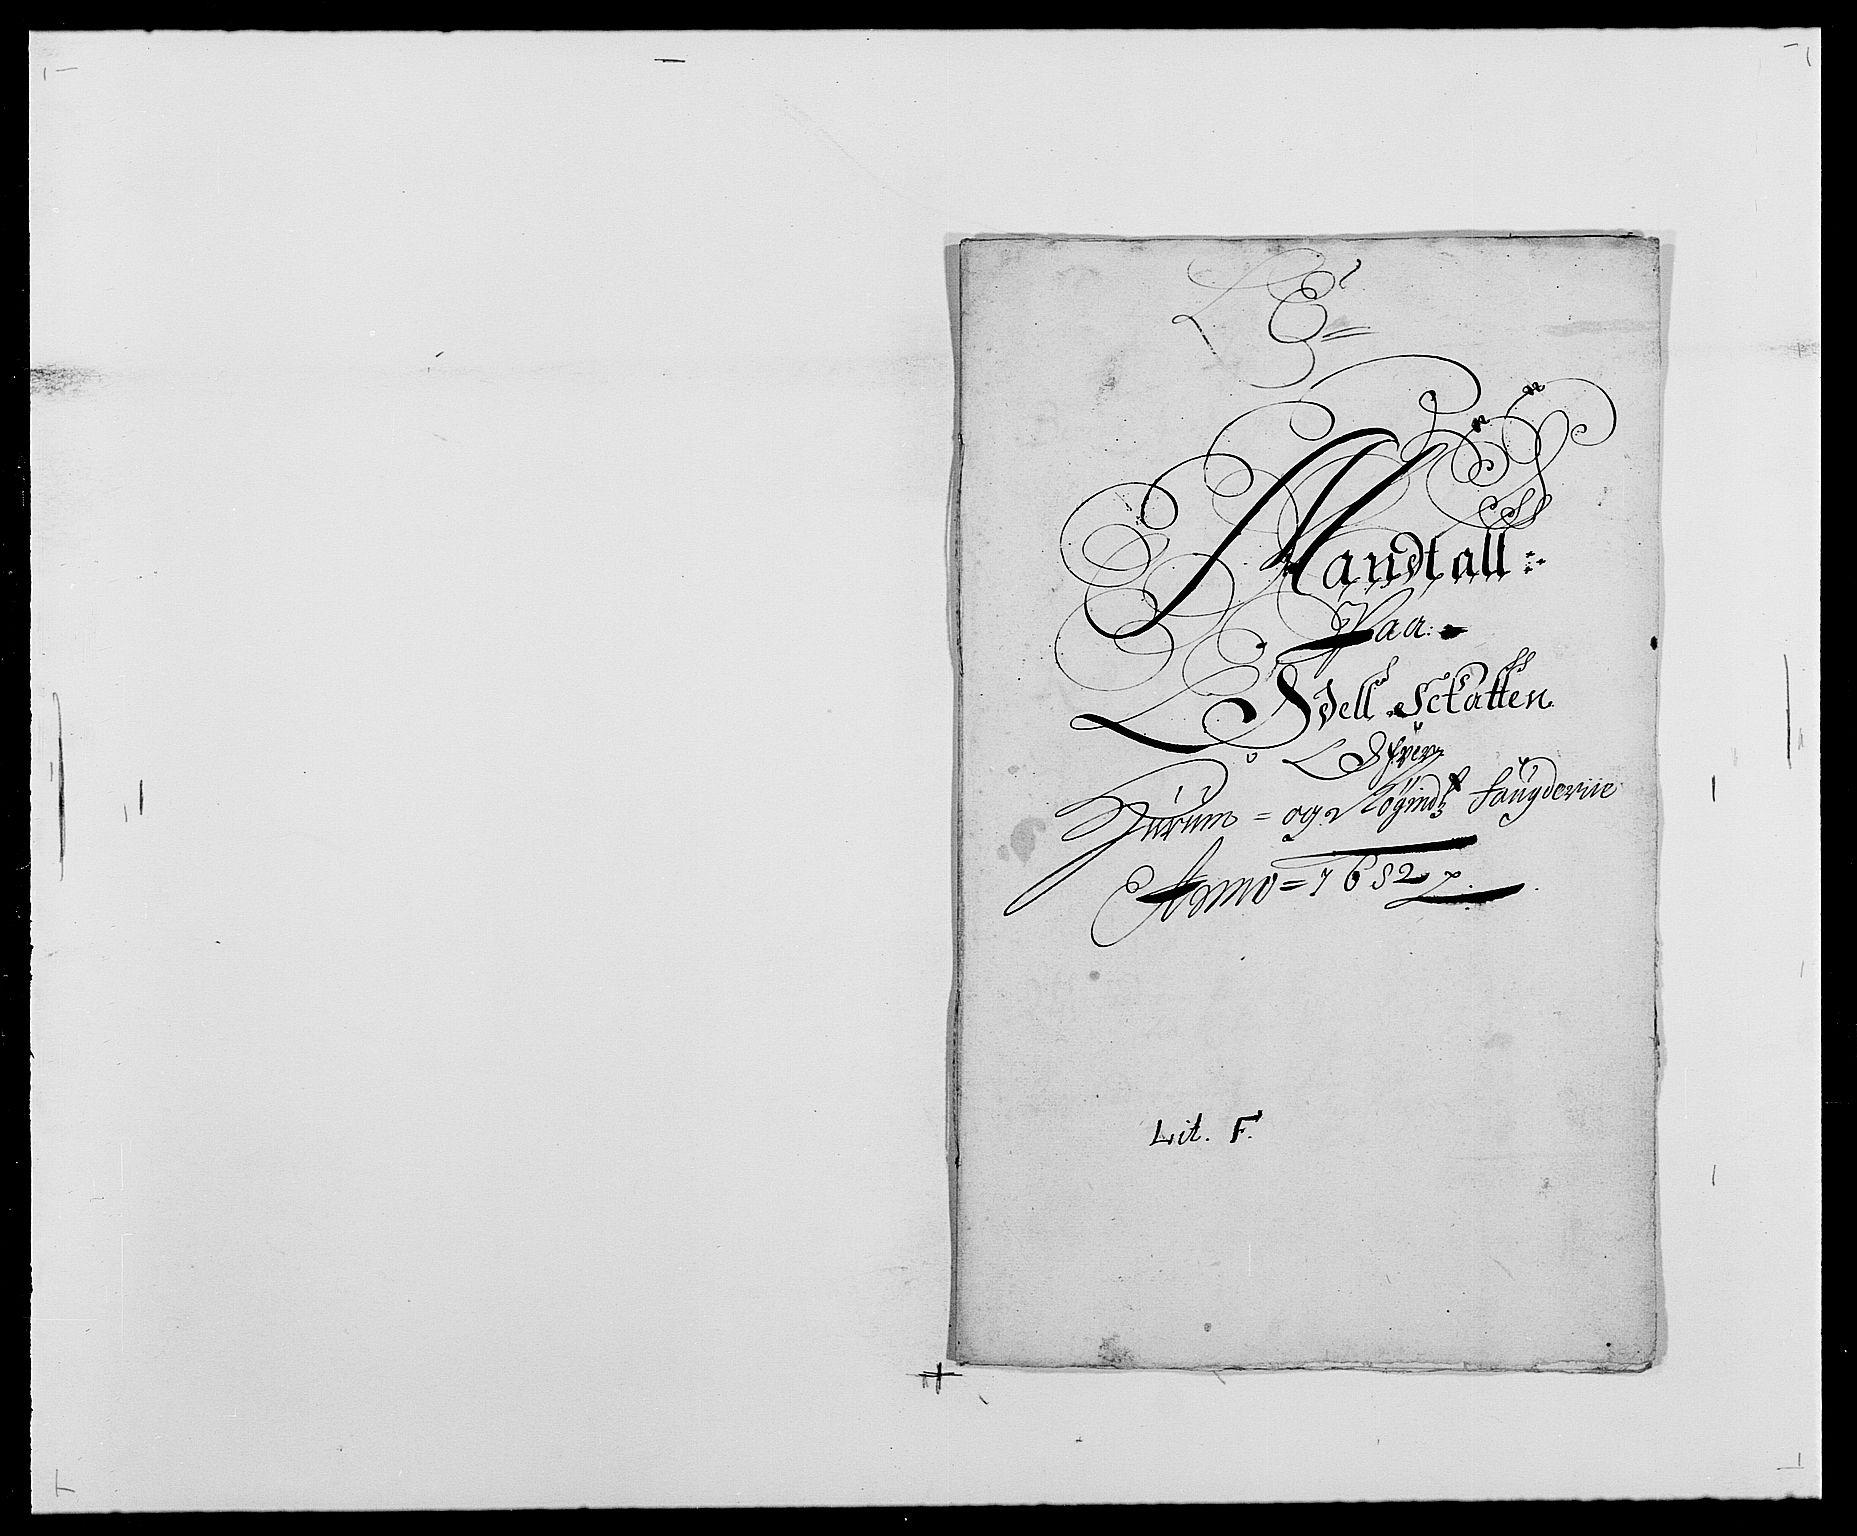 RA, Rentekammeret inntil 1814, Reviderte regnskaper, Fogderegnskap, R29/L1692: Fogderegnskap Hurum og Røyken, 1682-1687, s. 78